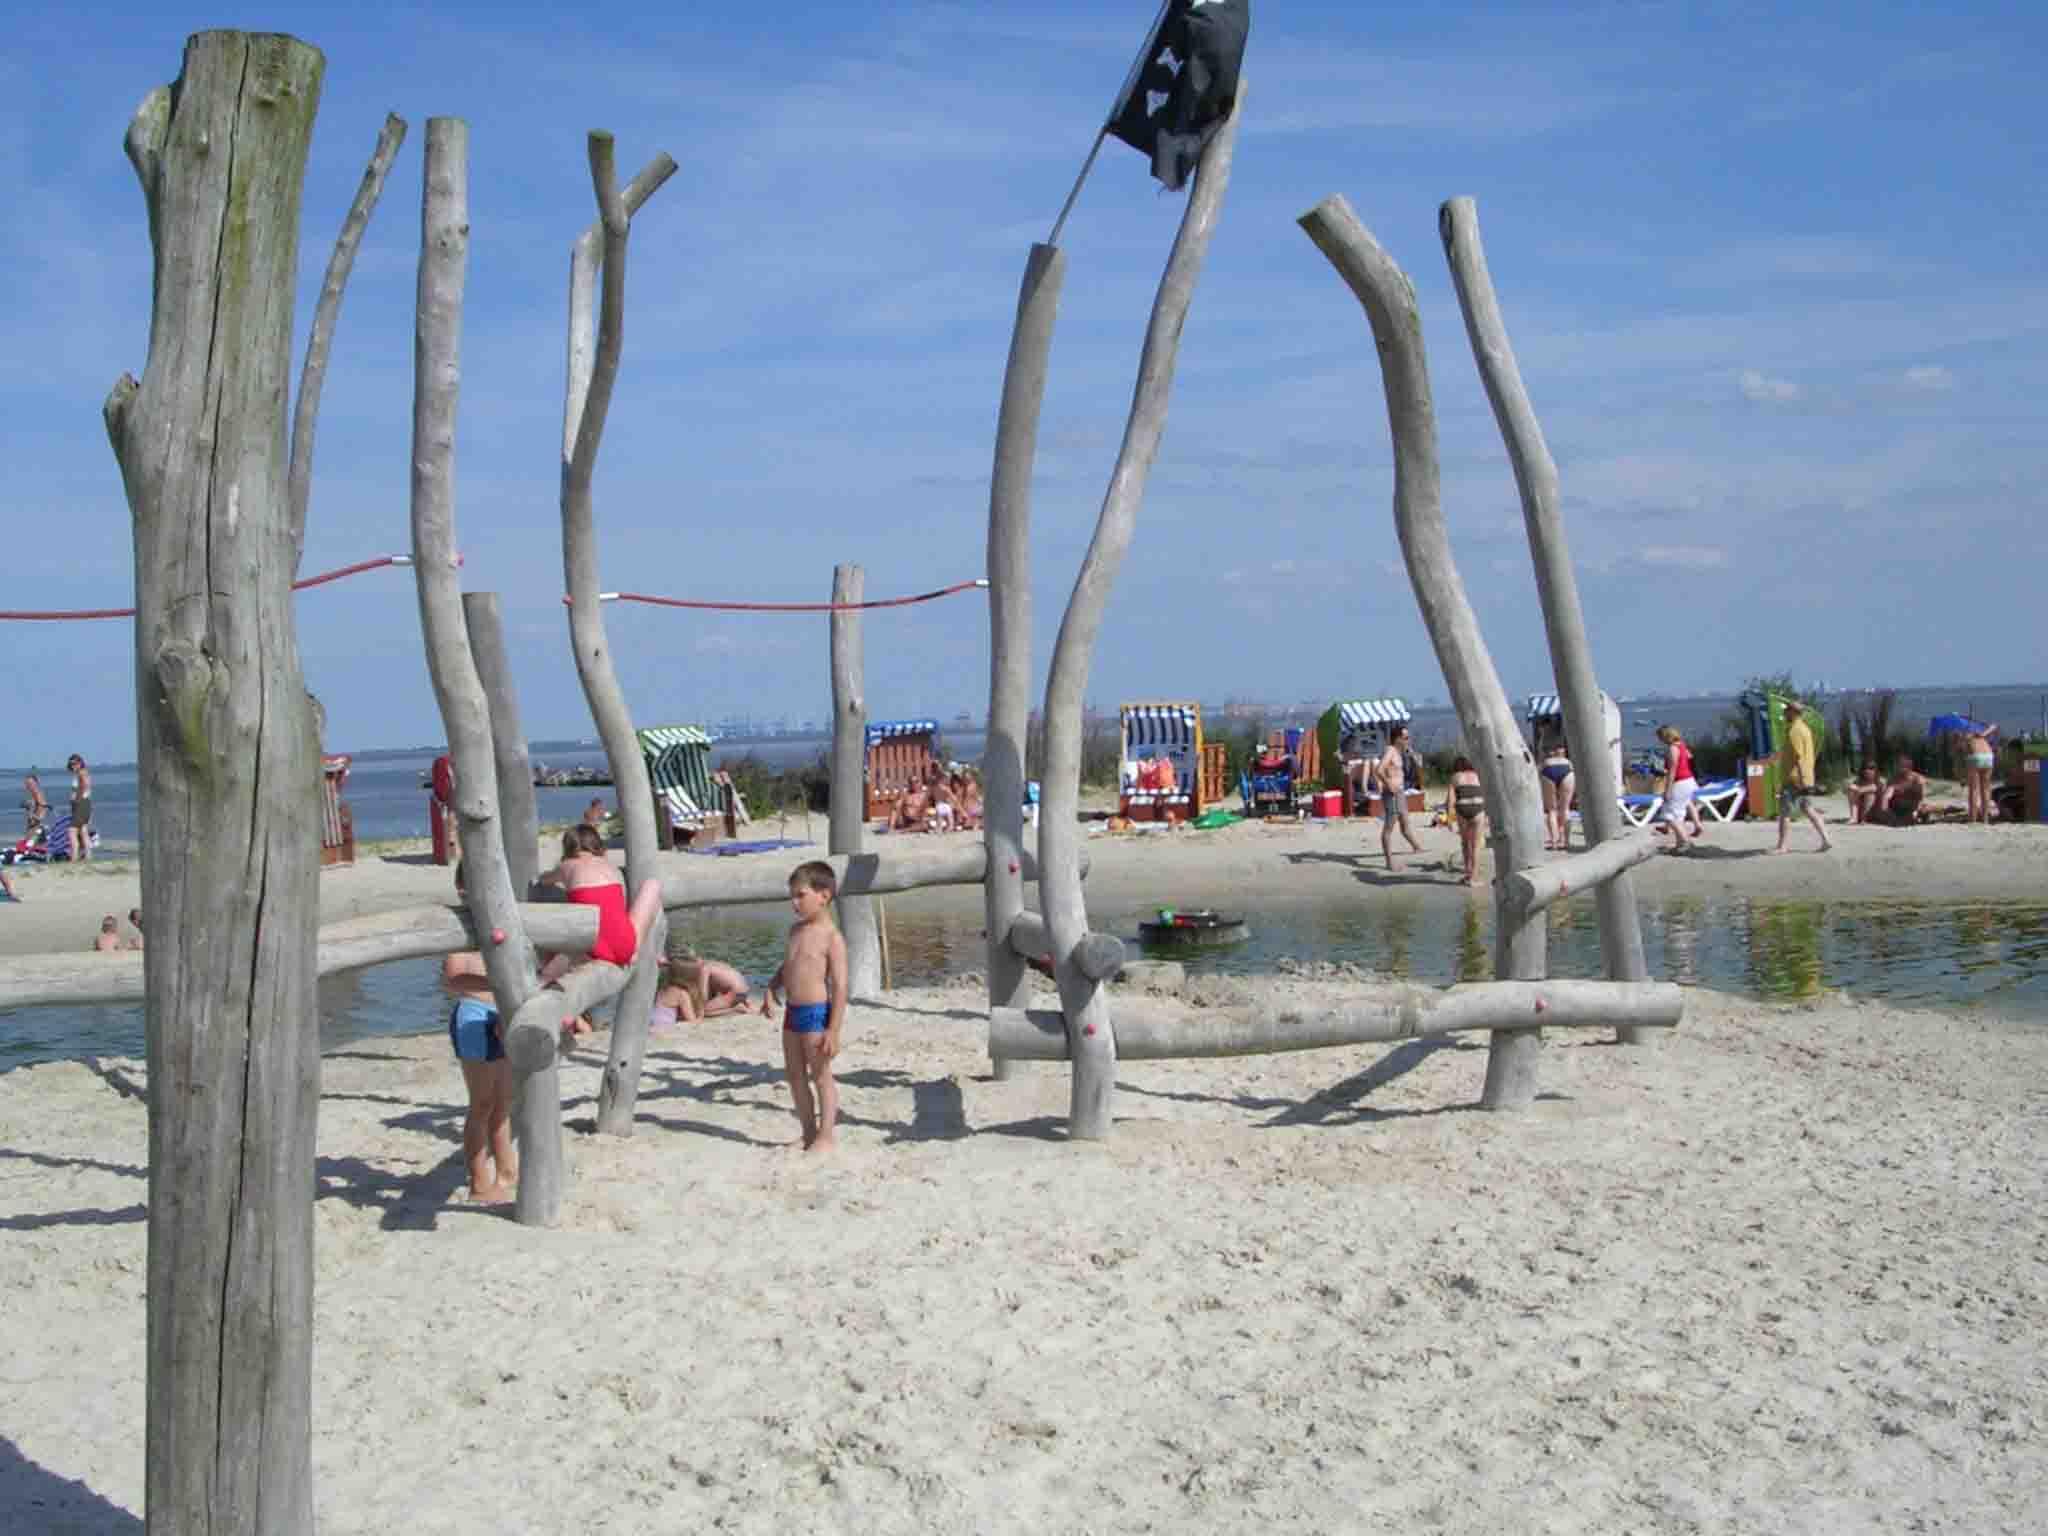 Interessante Spielplätze direkt an seichtem Wasser zum Matschen!